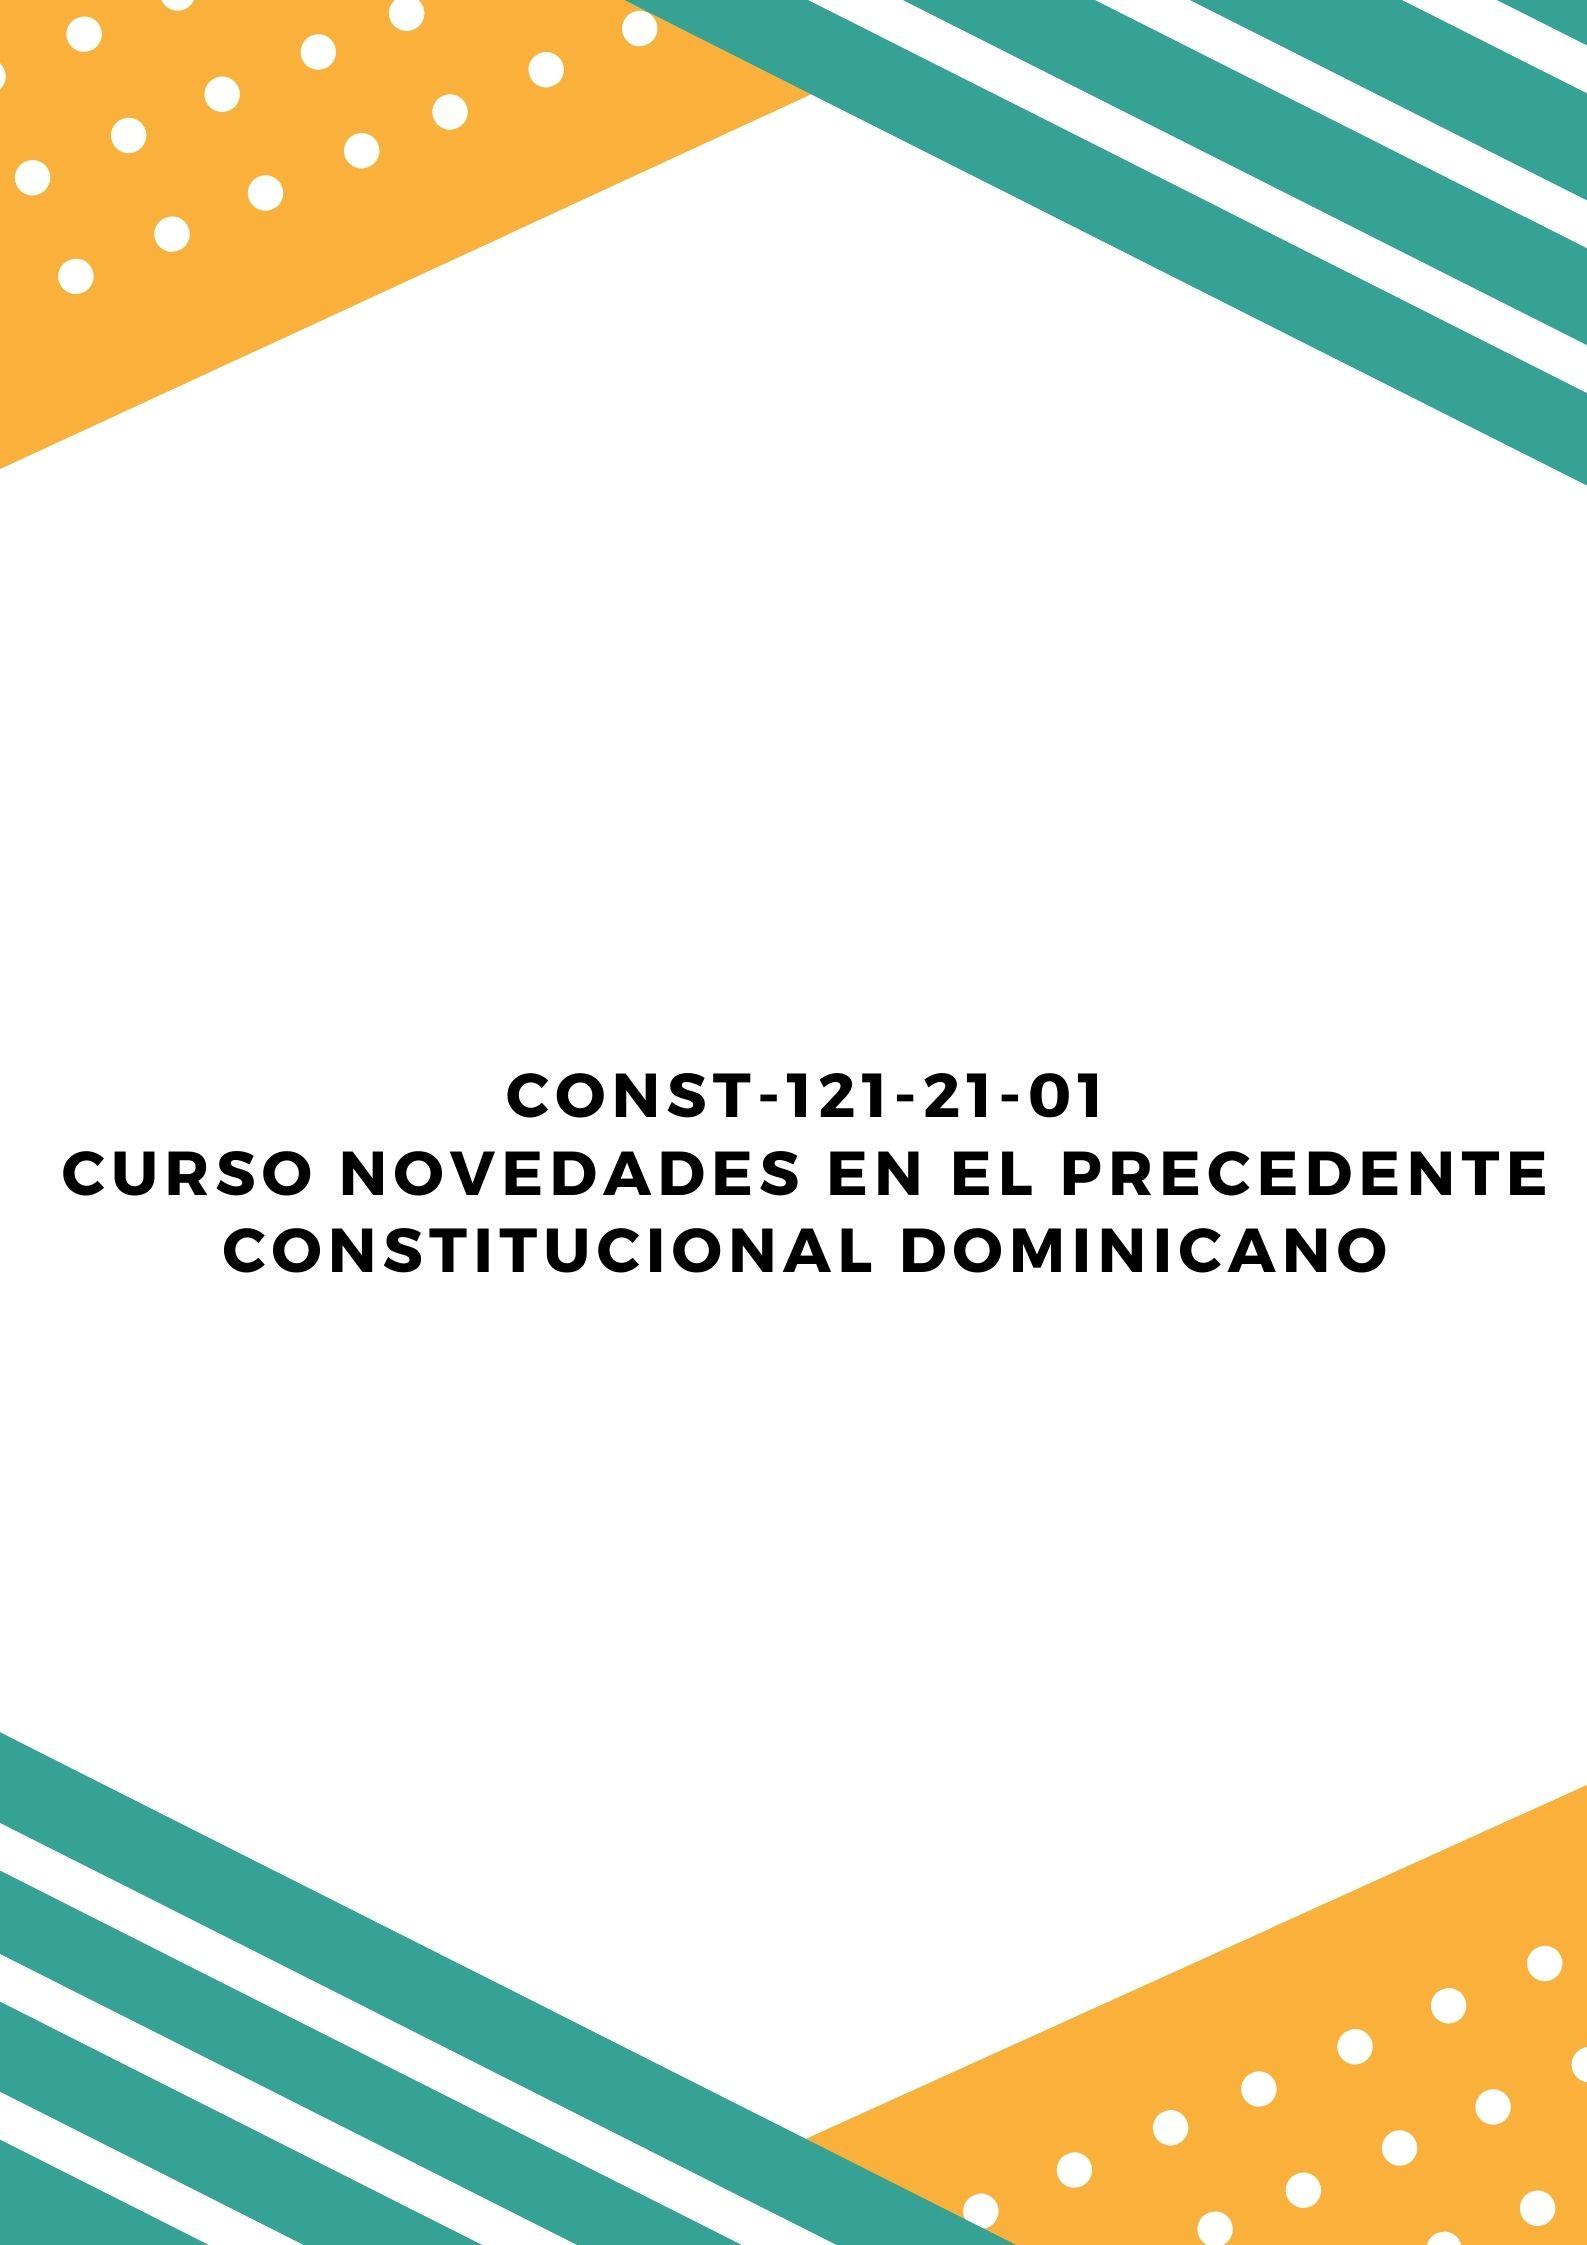 CONST-121-21-01 Curso Novedades en el Precedente Constitucional Dominicano